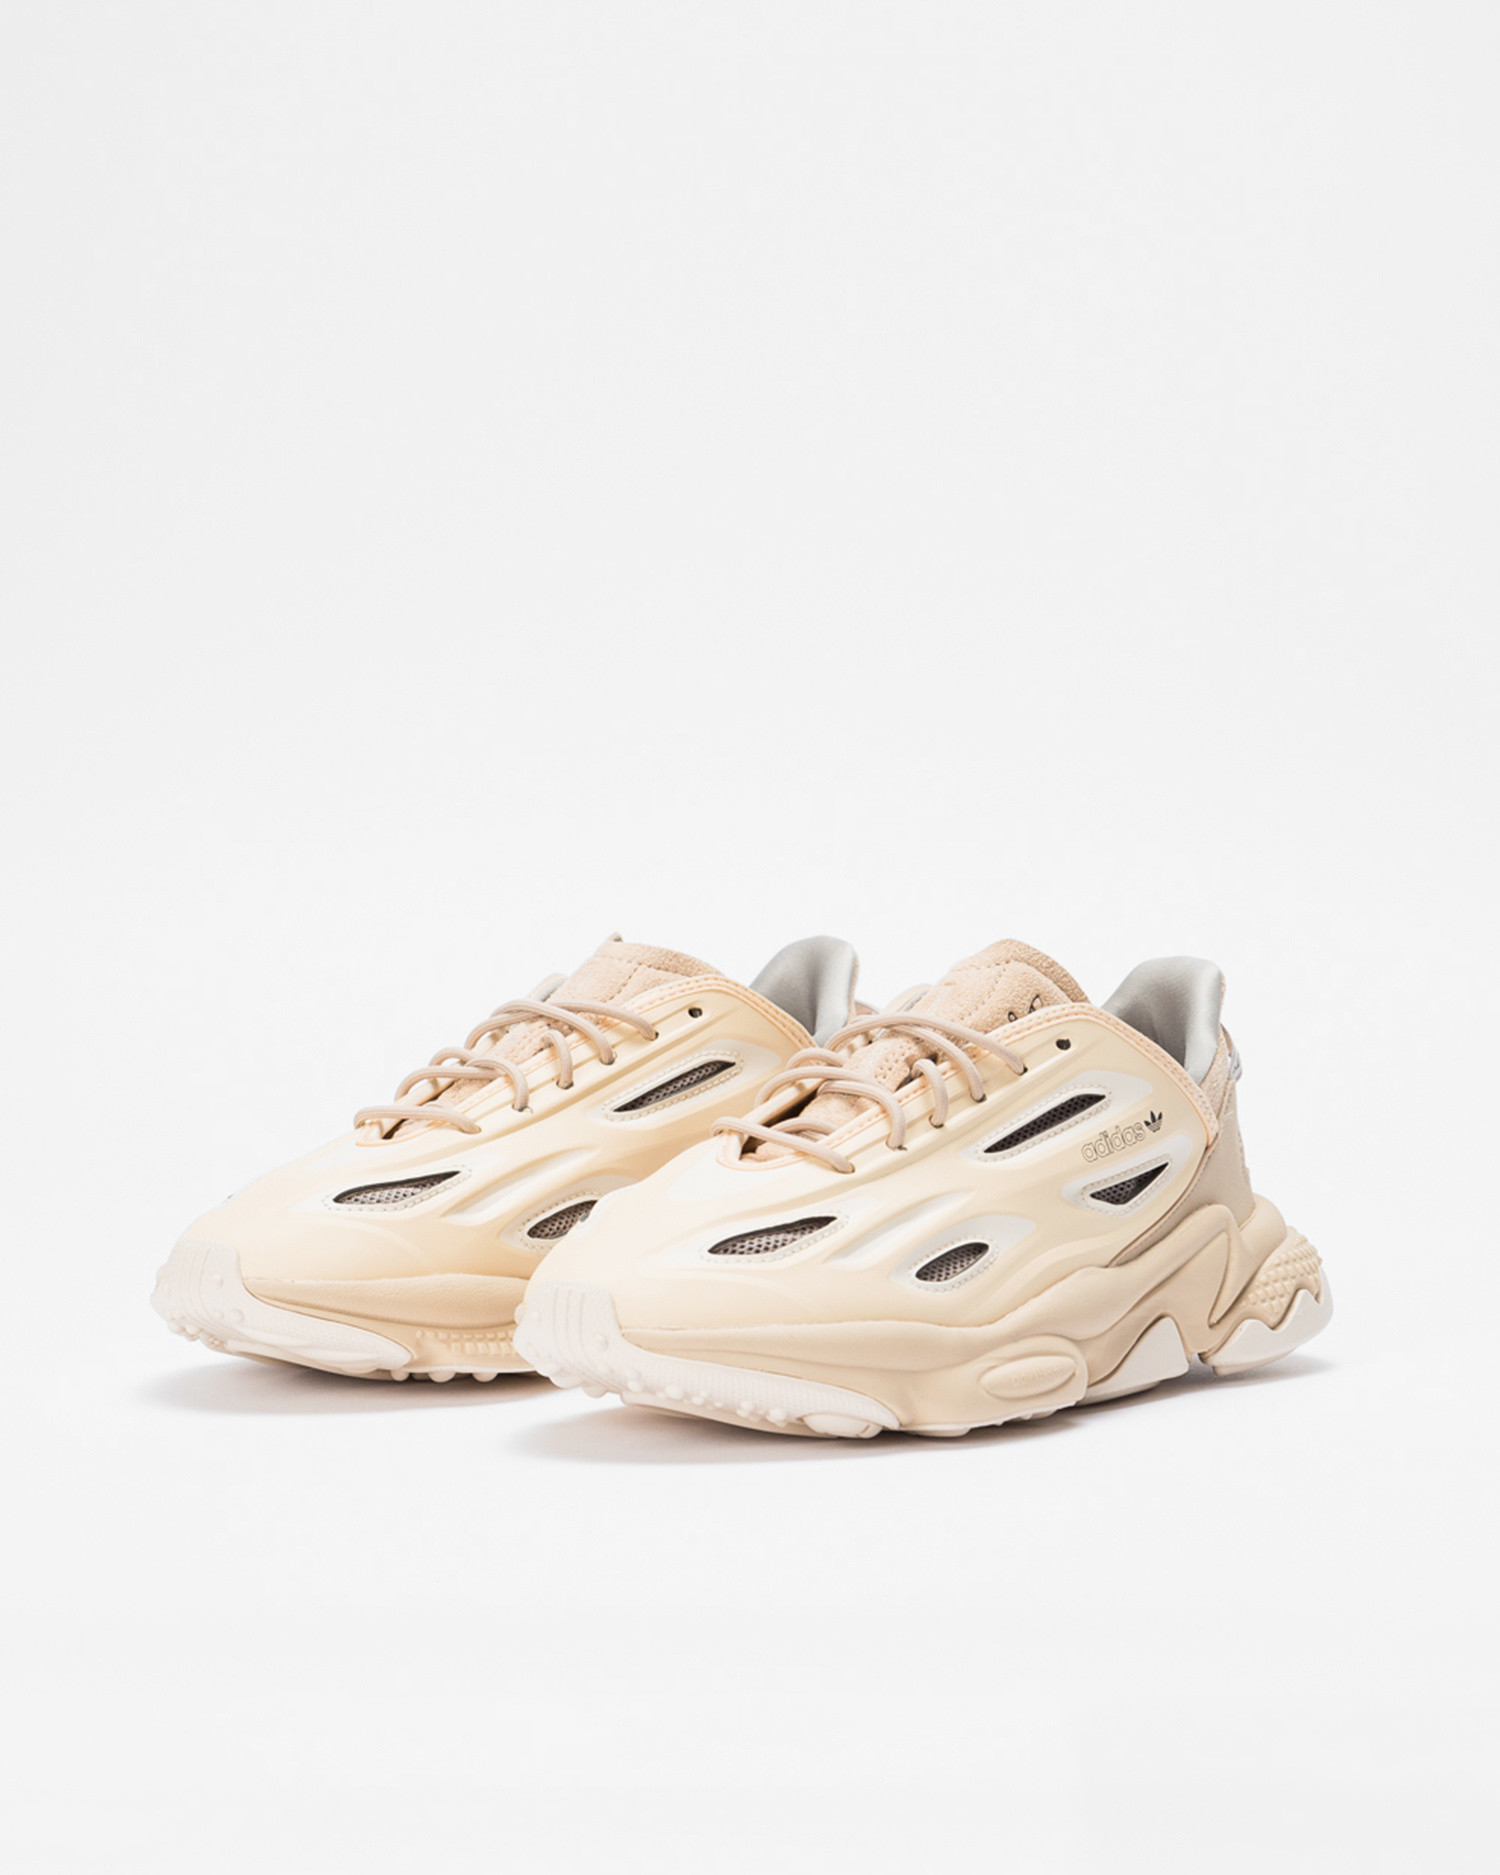 Adidas Ozweego Celox W Stapnu/Linen